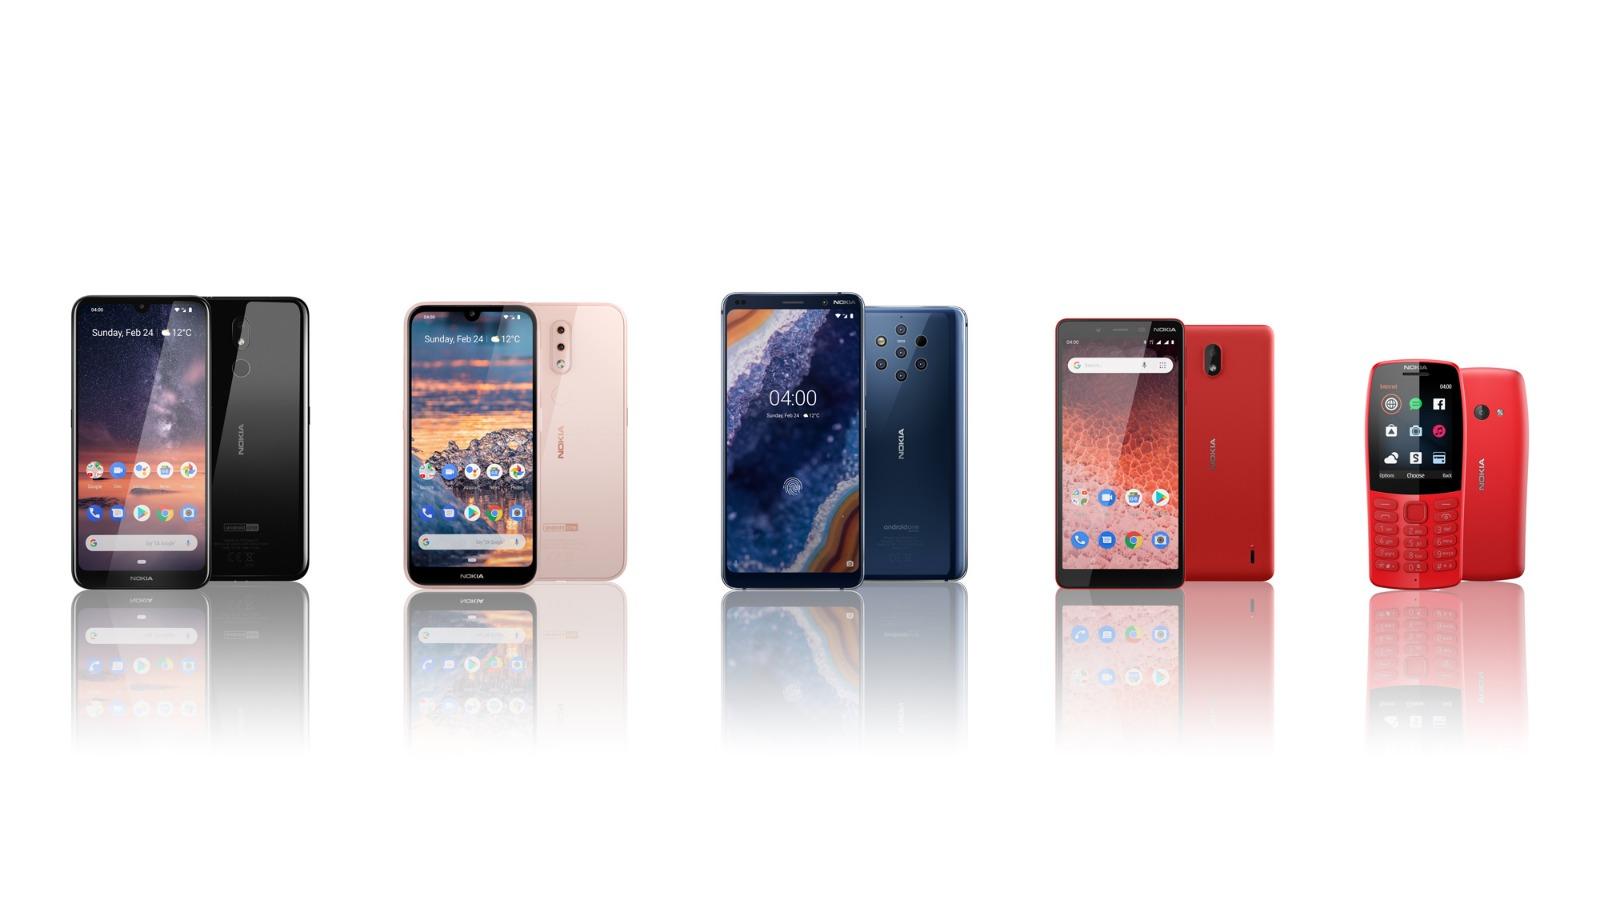 Nová generácia obľúbeného telefónu v krásnom kovovom tele, s veľmi pekným výkonom, veľkým Full HD displejom, snímačom odtlačkov prstov a pripojením.